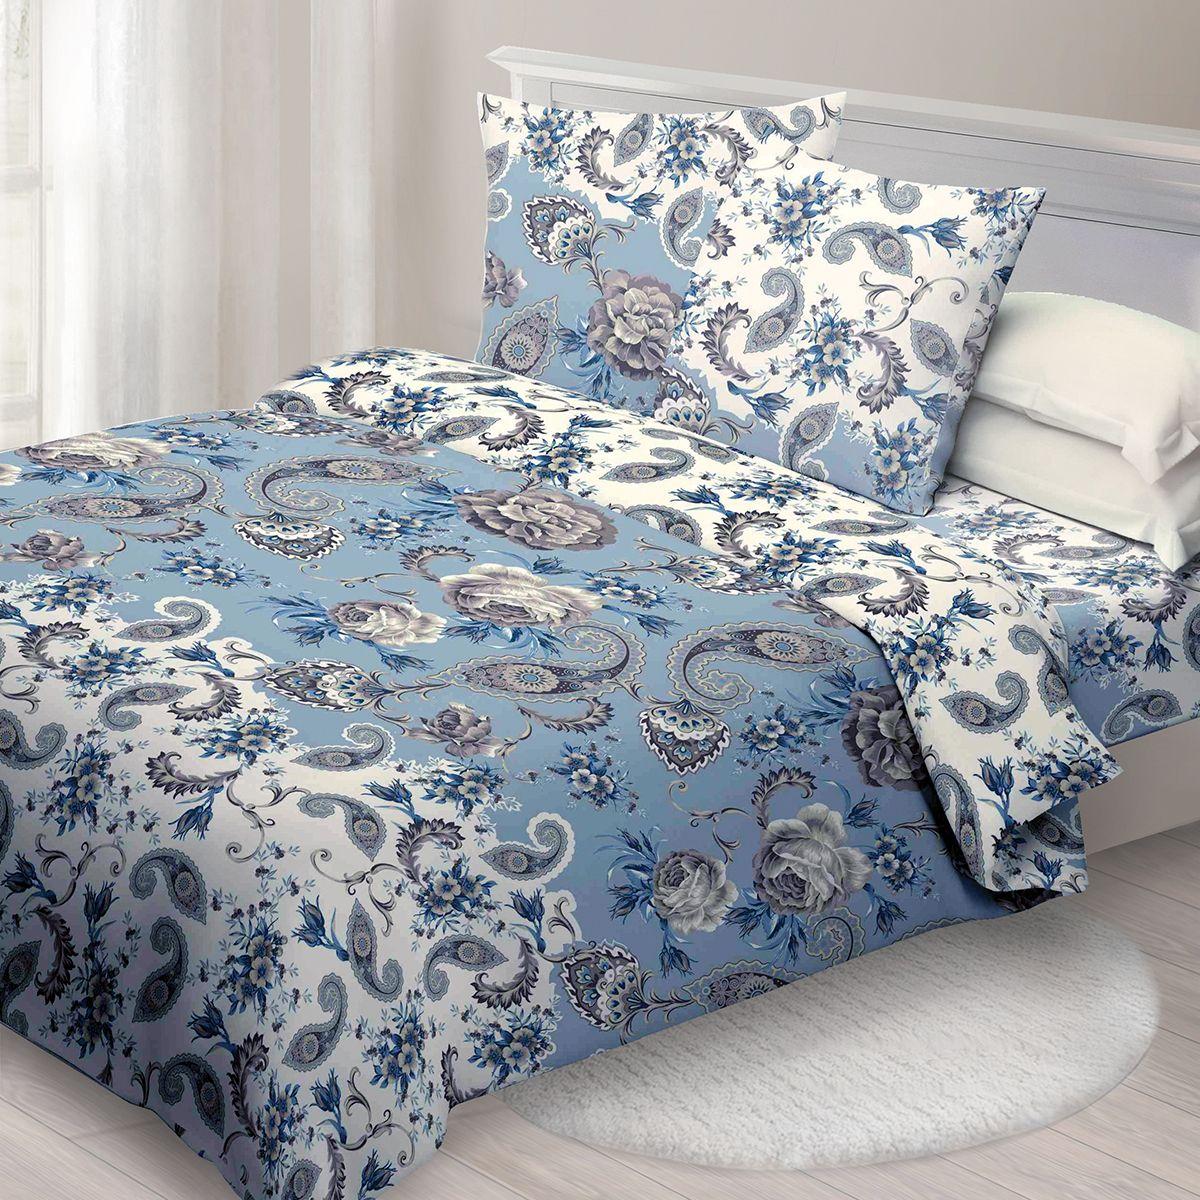 Комплект белья Спал Спалыч Дивин, 1,5-спальное, наволочки 70x70, цвет: голубой88003Спал Спалыч - недорогое, но качественное постельное белье из белорусской бязи. Актуальные дизайны, авторская упаковка в сочетании с качественными материалами и приемлемой ценой - залог успеха Спал Спалыча! В ассортименте широкая линейка домашнего текстиля для всей семьи - современные дизайны современному покупателю! Ткань обработана по технологии PERFECT WAY - благодаря чему, она становится более гладкой и шелковистой. • Бязь Барановичи 100% хлопок • Плотность ткани - 125 гр/кв.м.